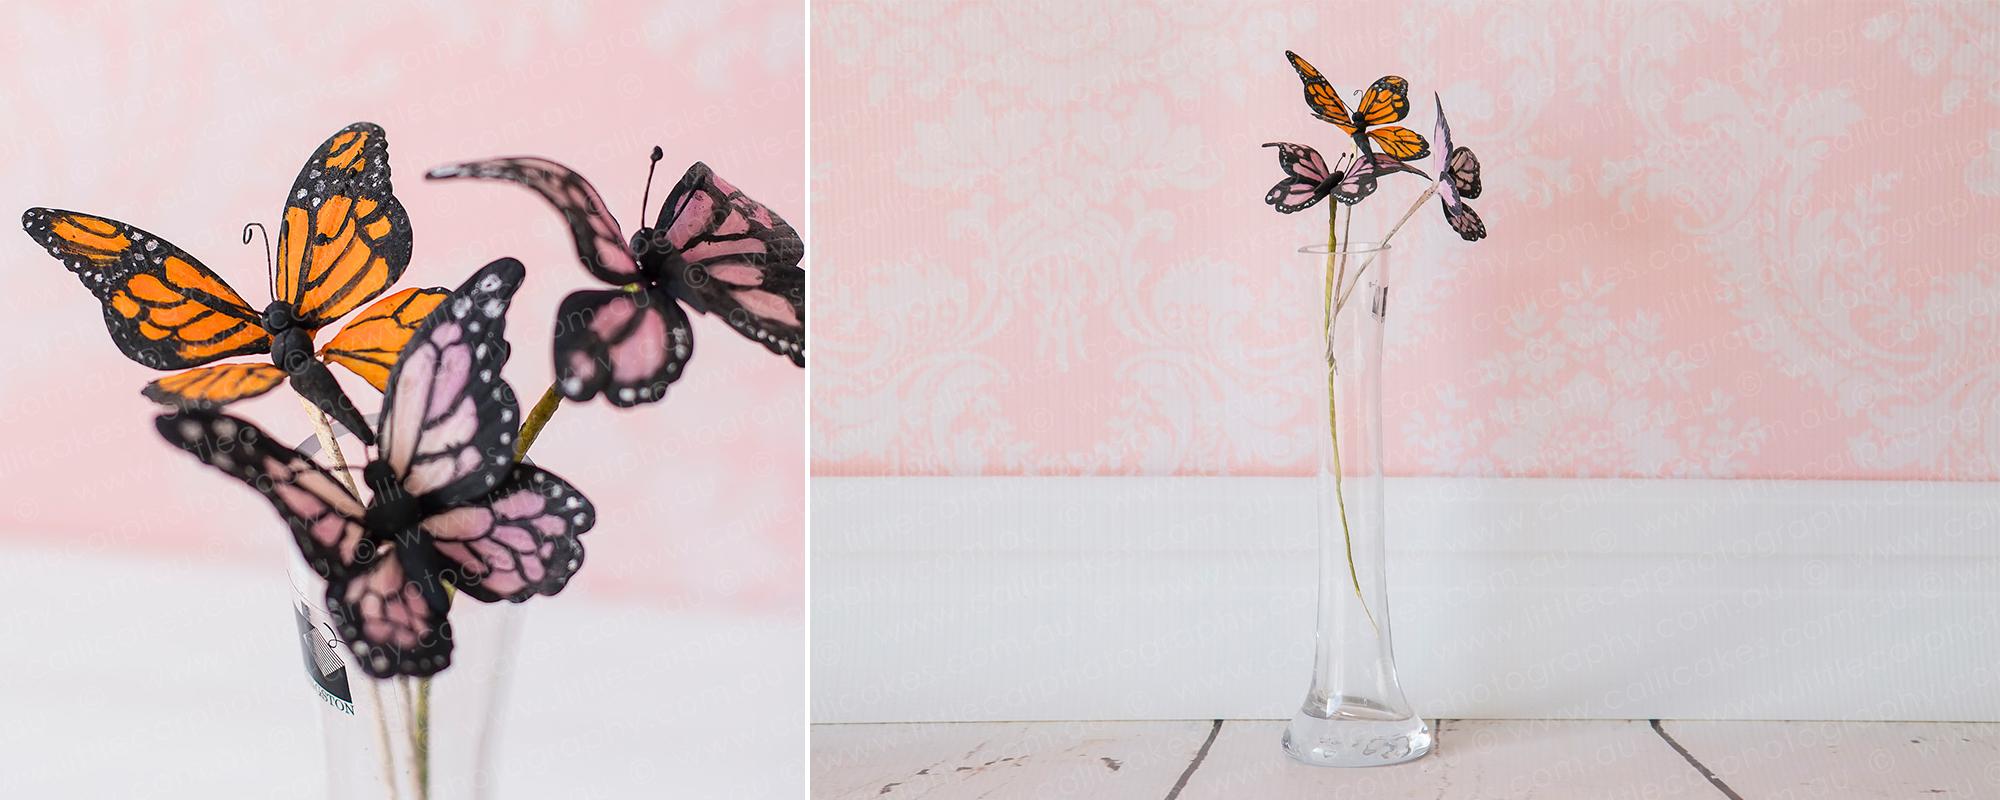 5 Wedding Photography of Sugar Art Butterflies.jpg